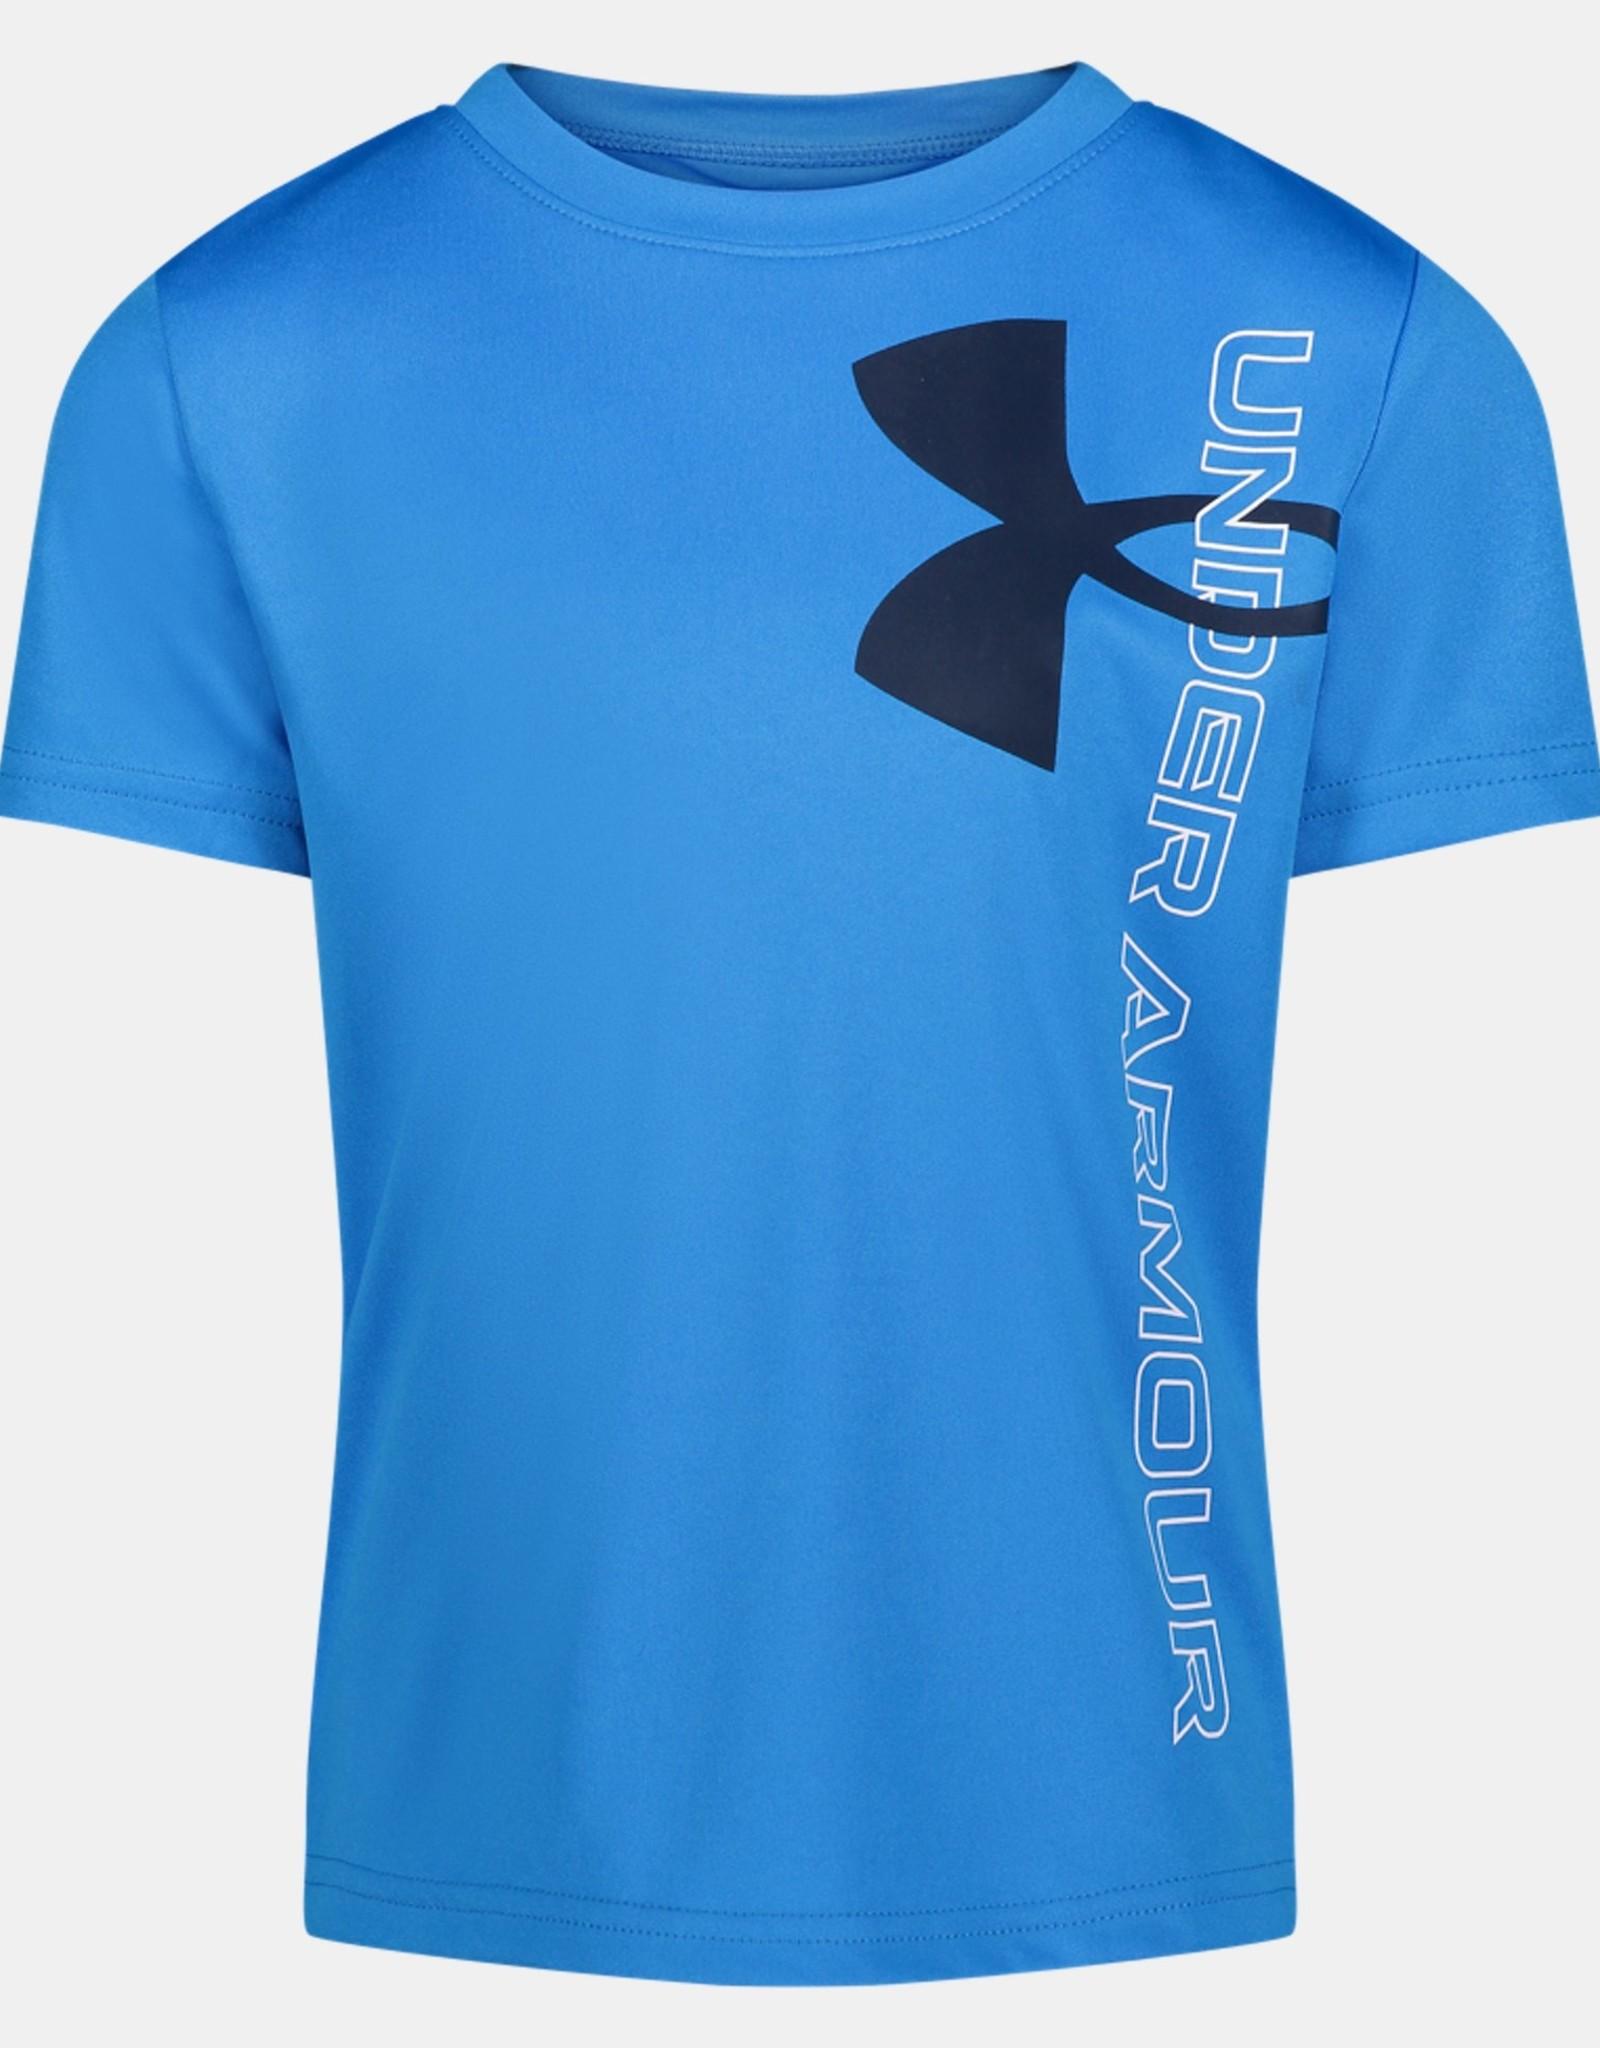 Under Armour SP21 Split Symbol T-Shirt Blue